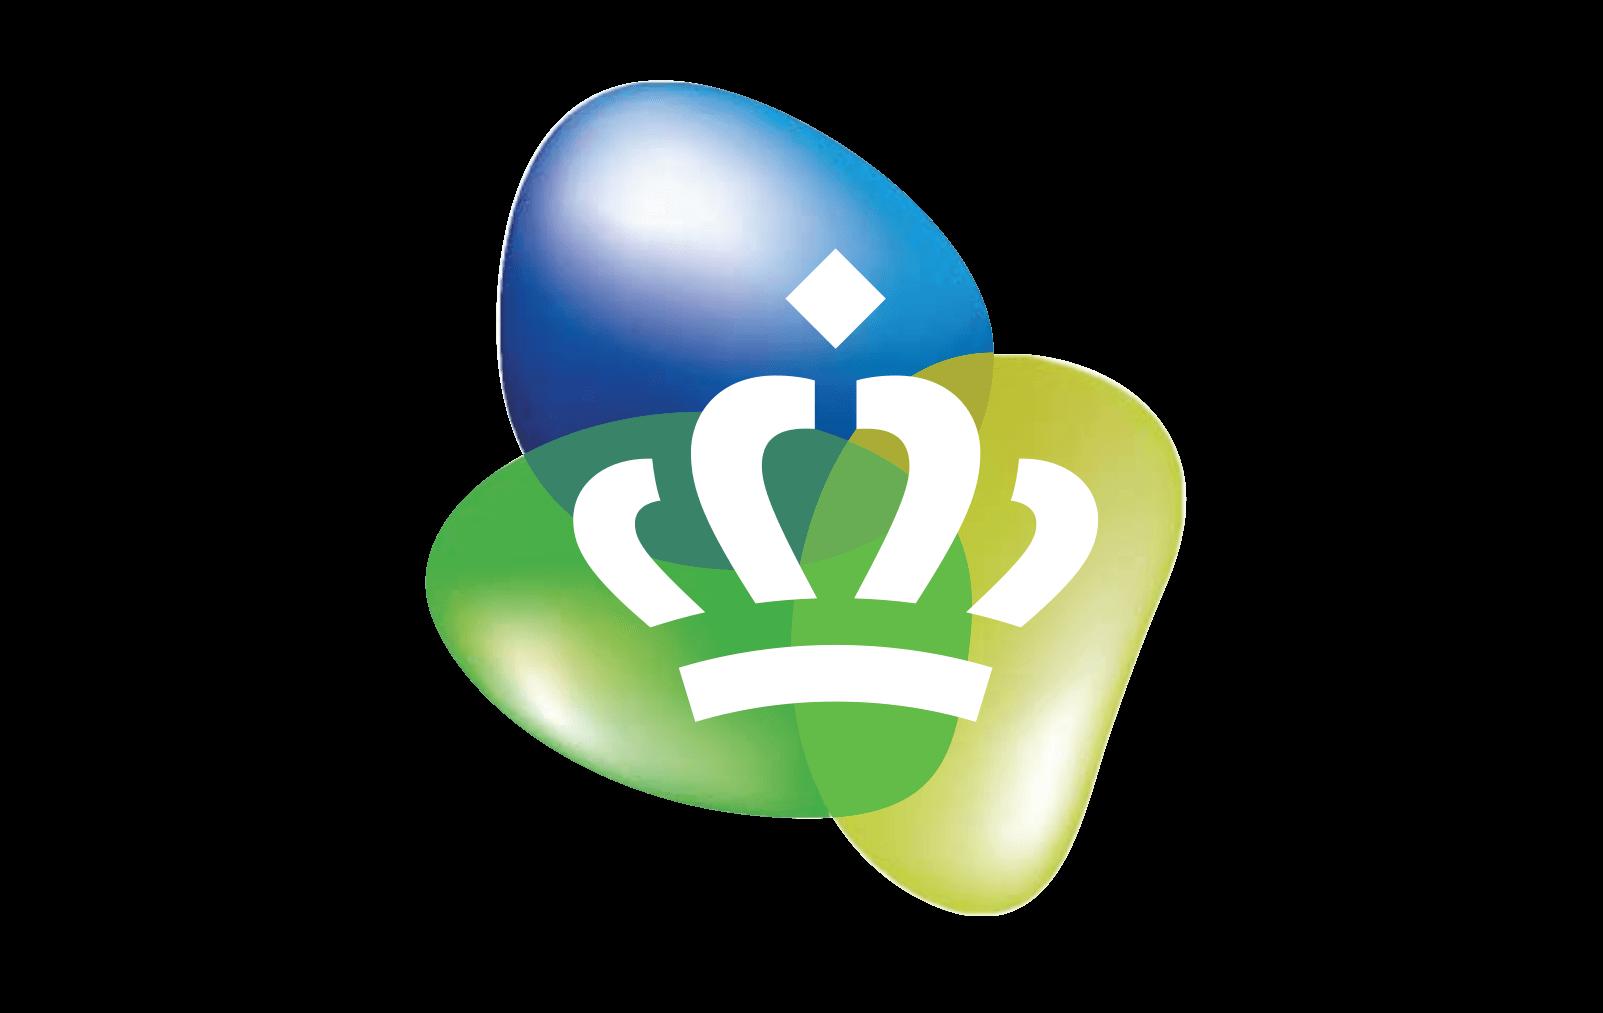 logo kpn aandelen